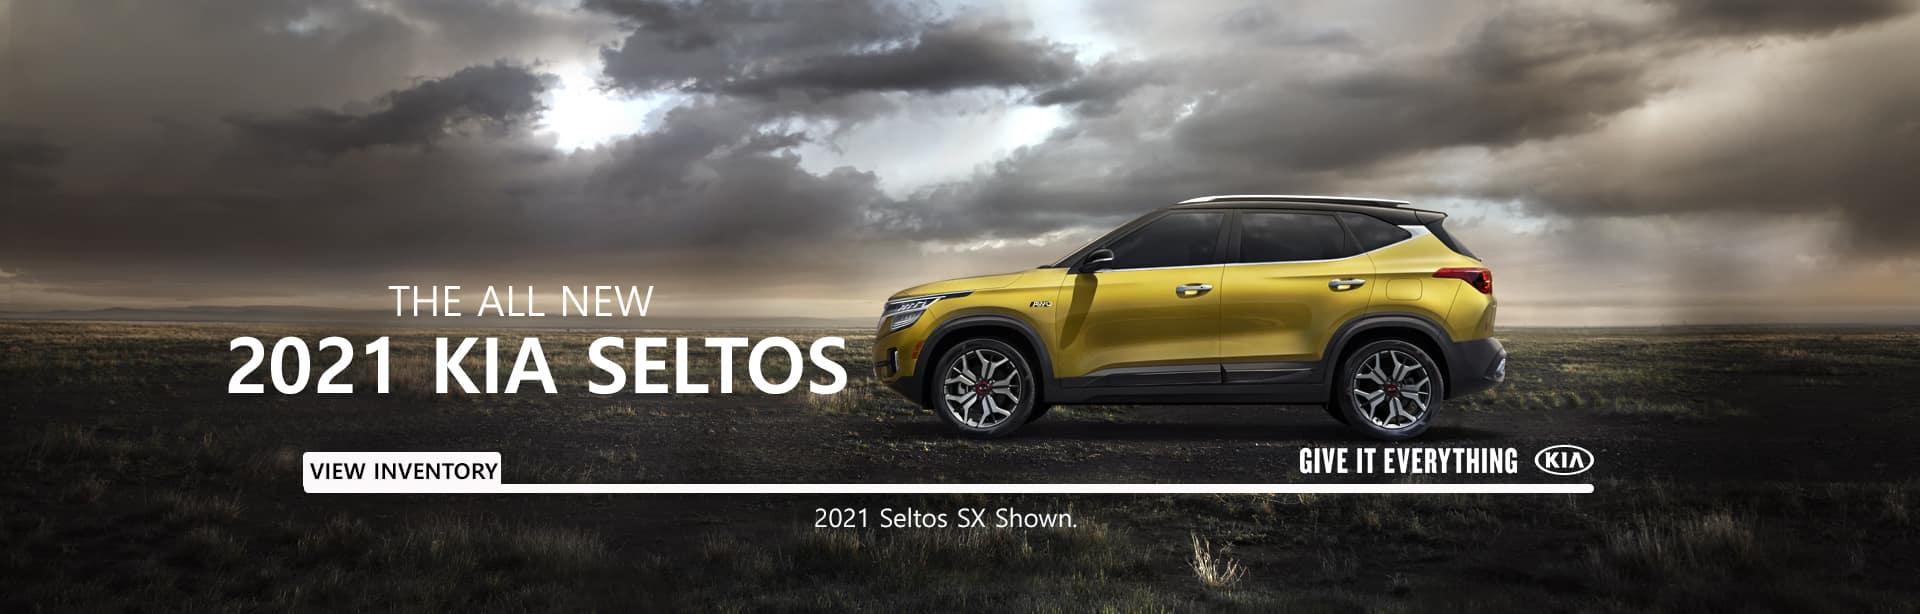 Kia Seltos No Offer 202037